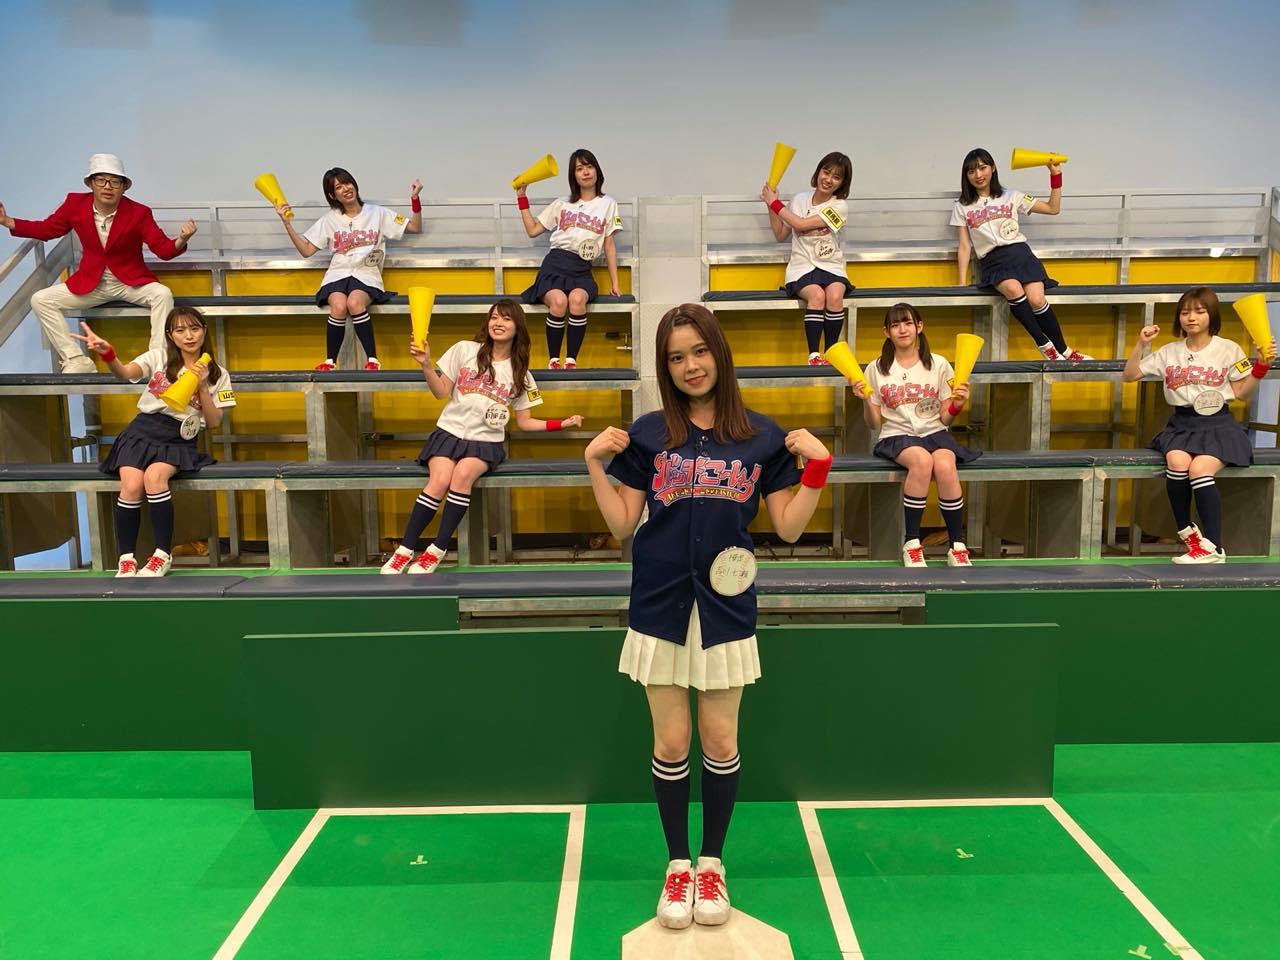 「AKB48チーム8のKANTO白書 バッチこーい!」#70:バッチバチ!おはなしバッターボックス!